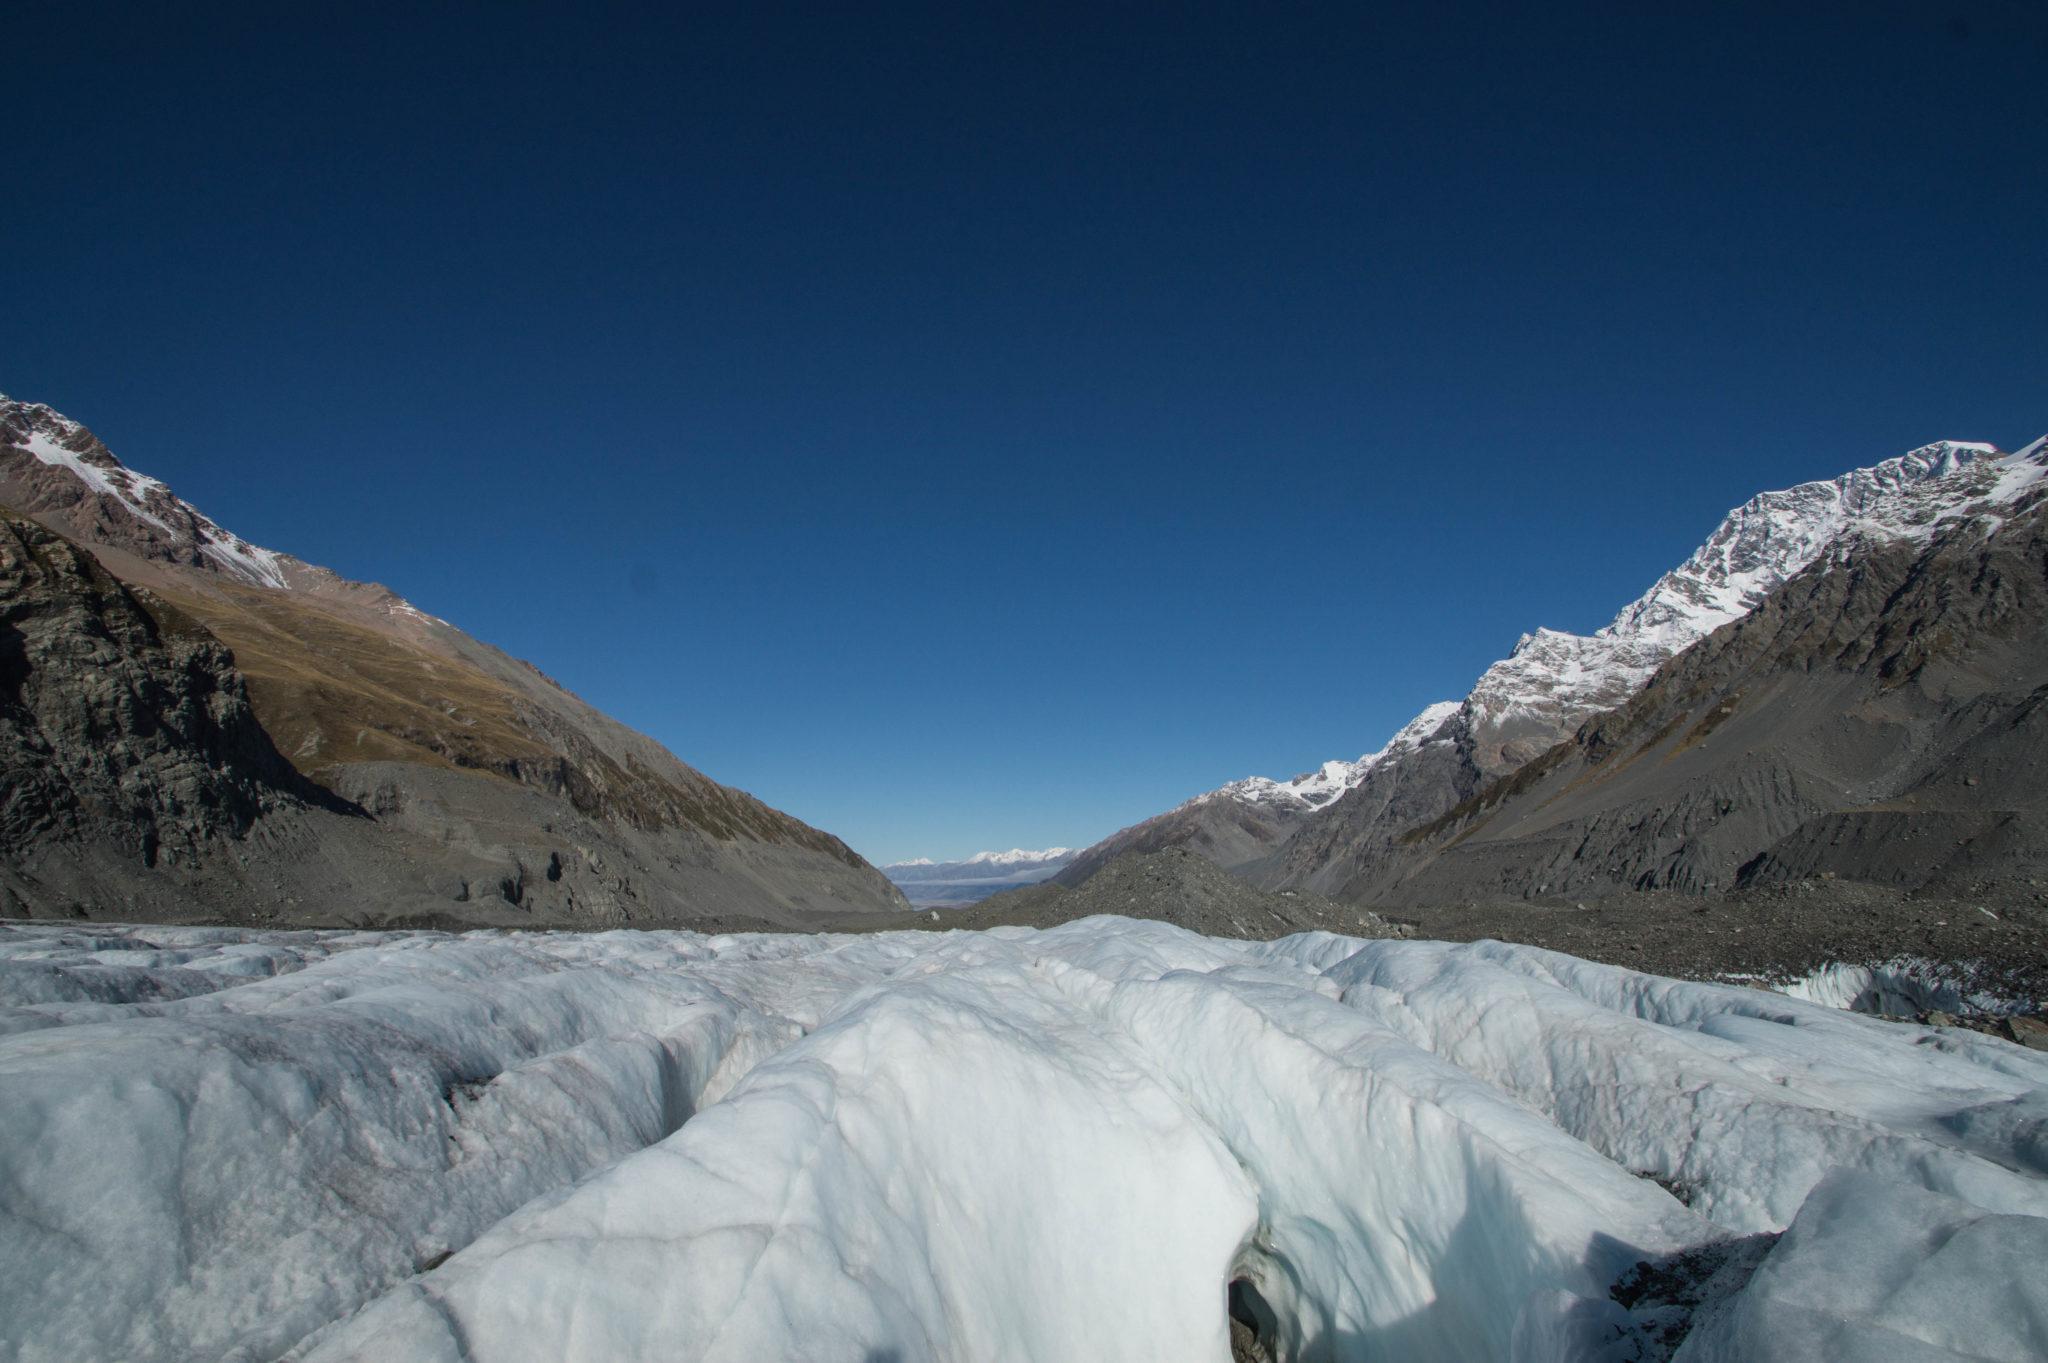 Der Gletscher am Mount Cook auf der Südinsel von Neuseeland